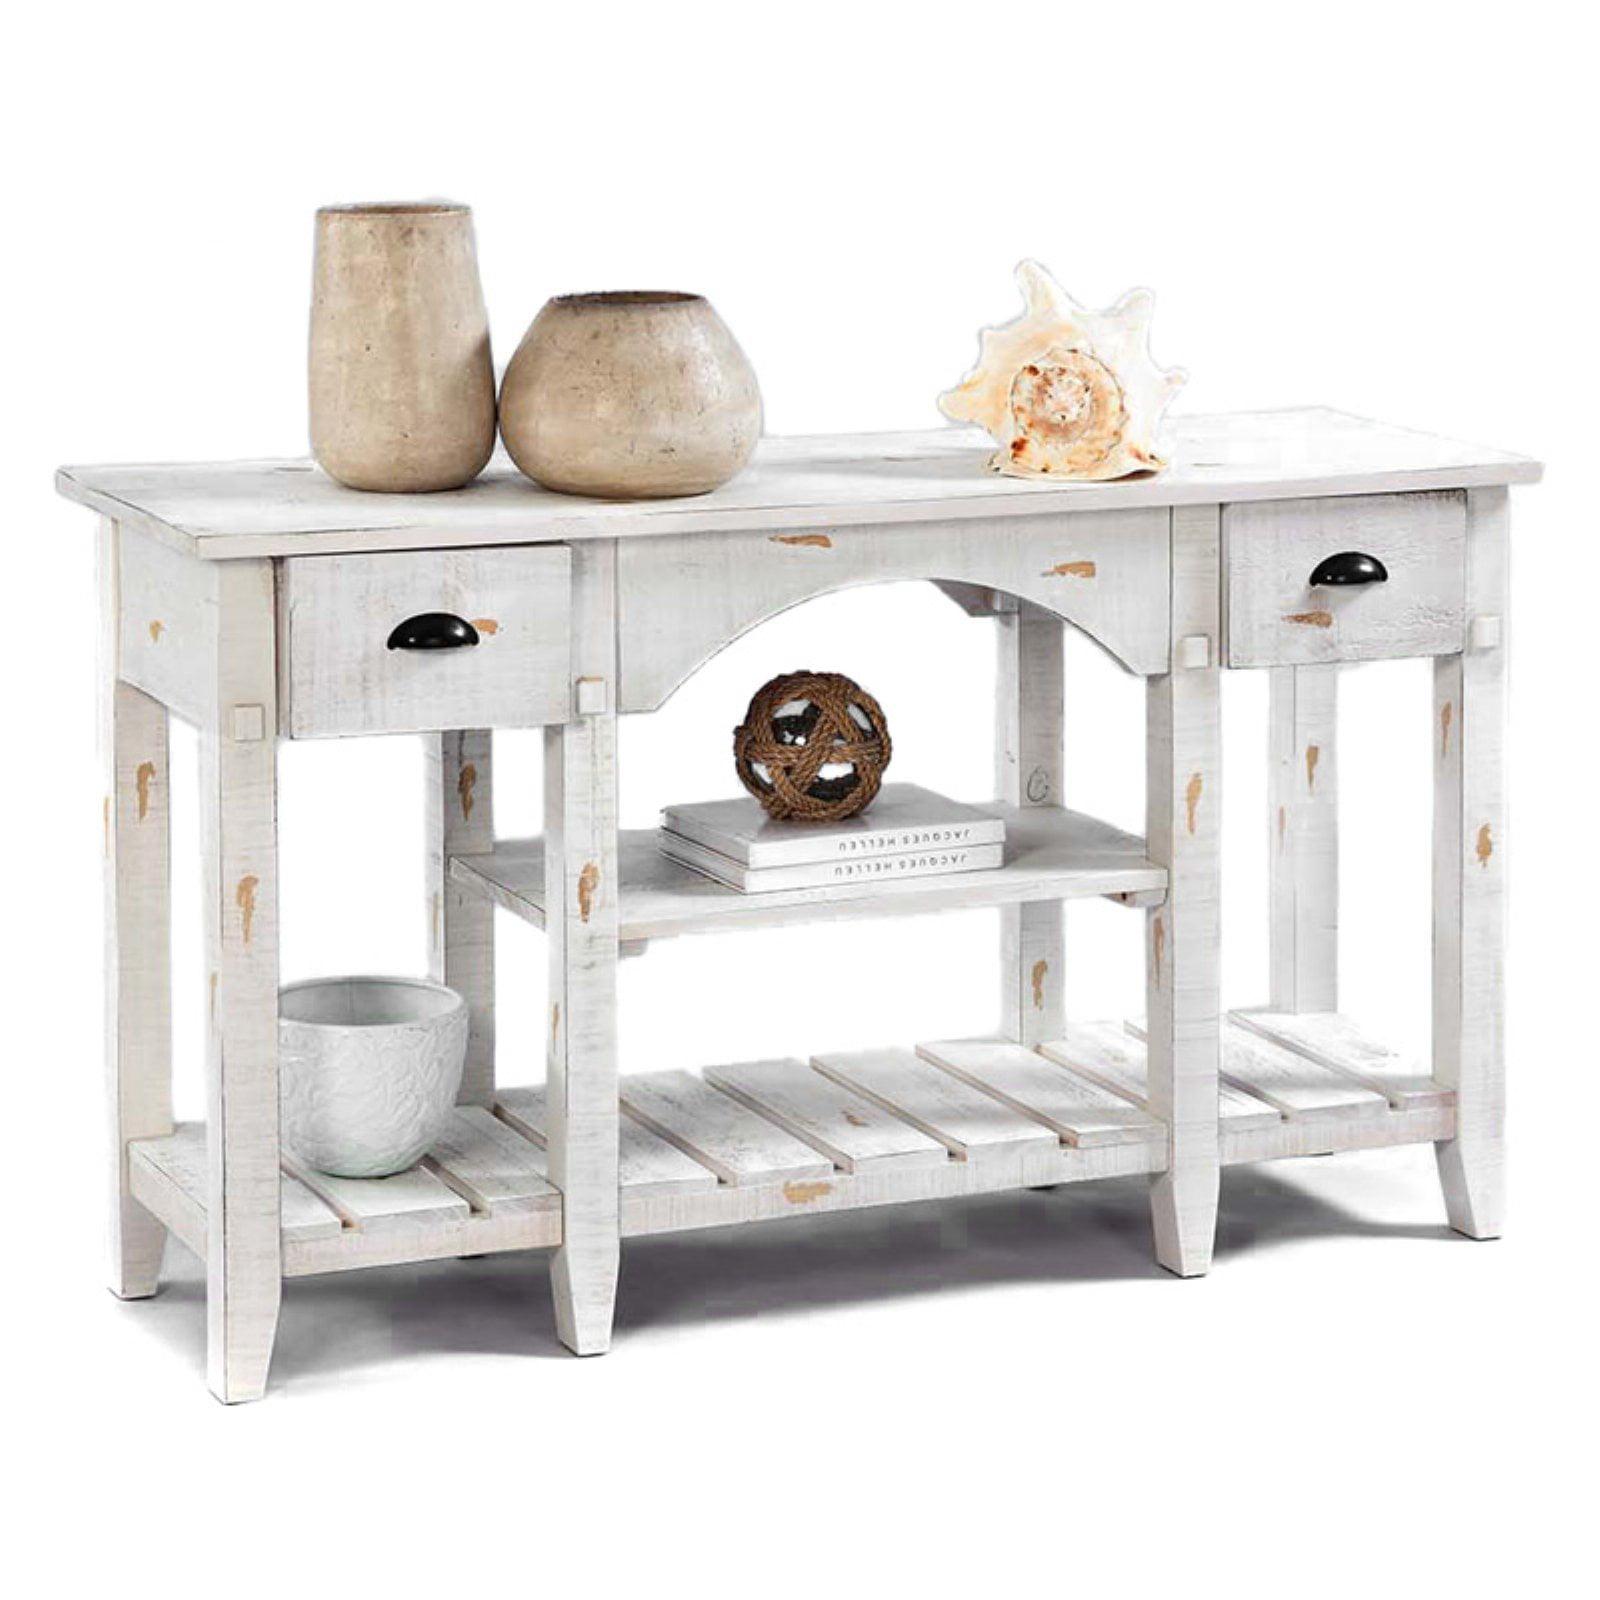 Progressive Willow Console Table - White